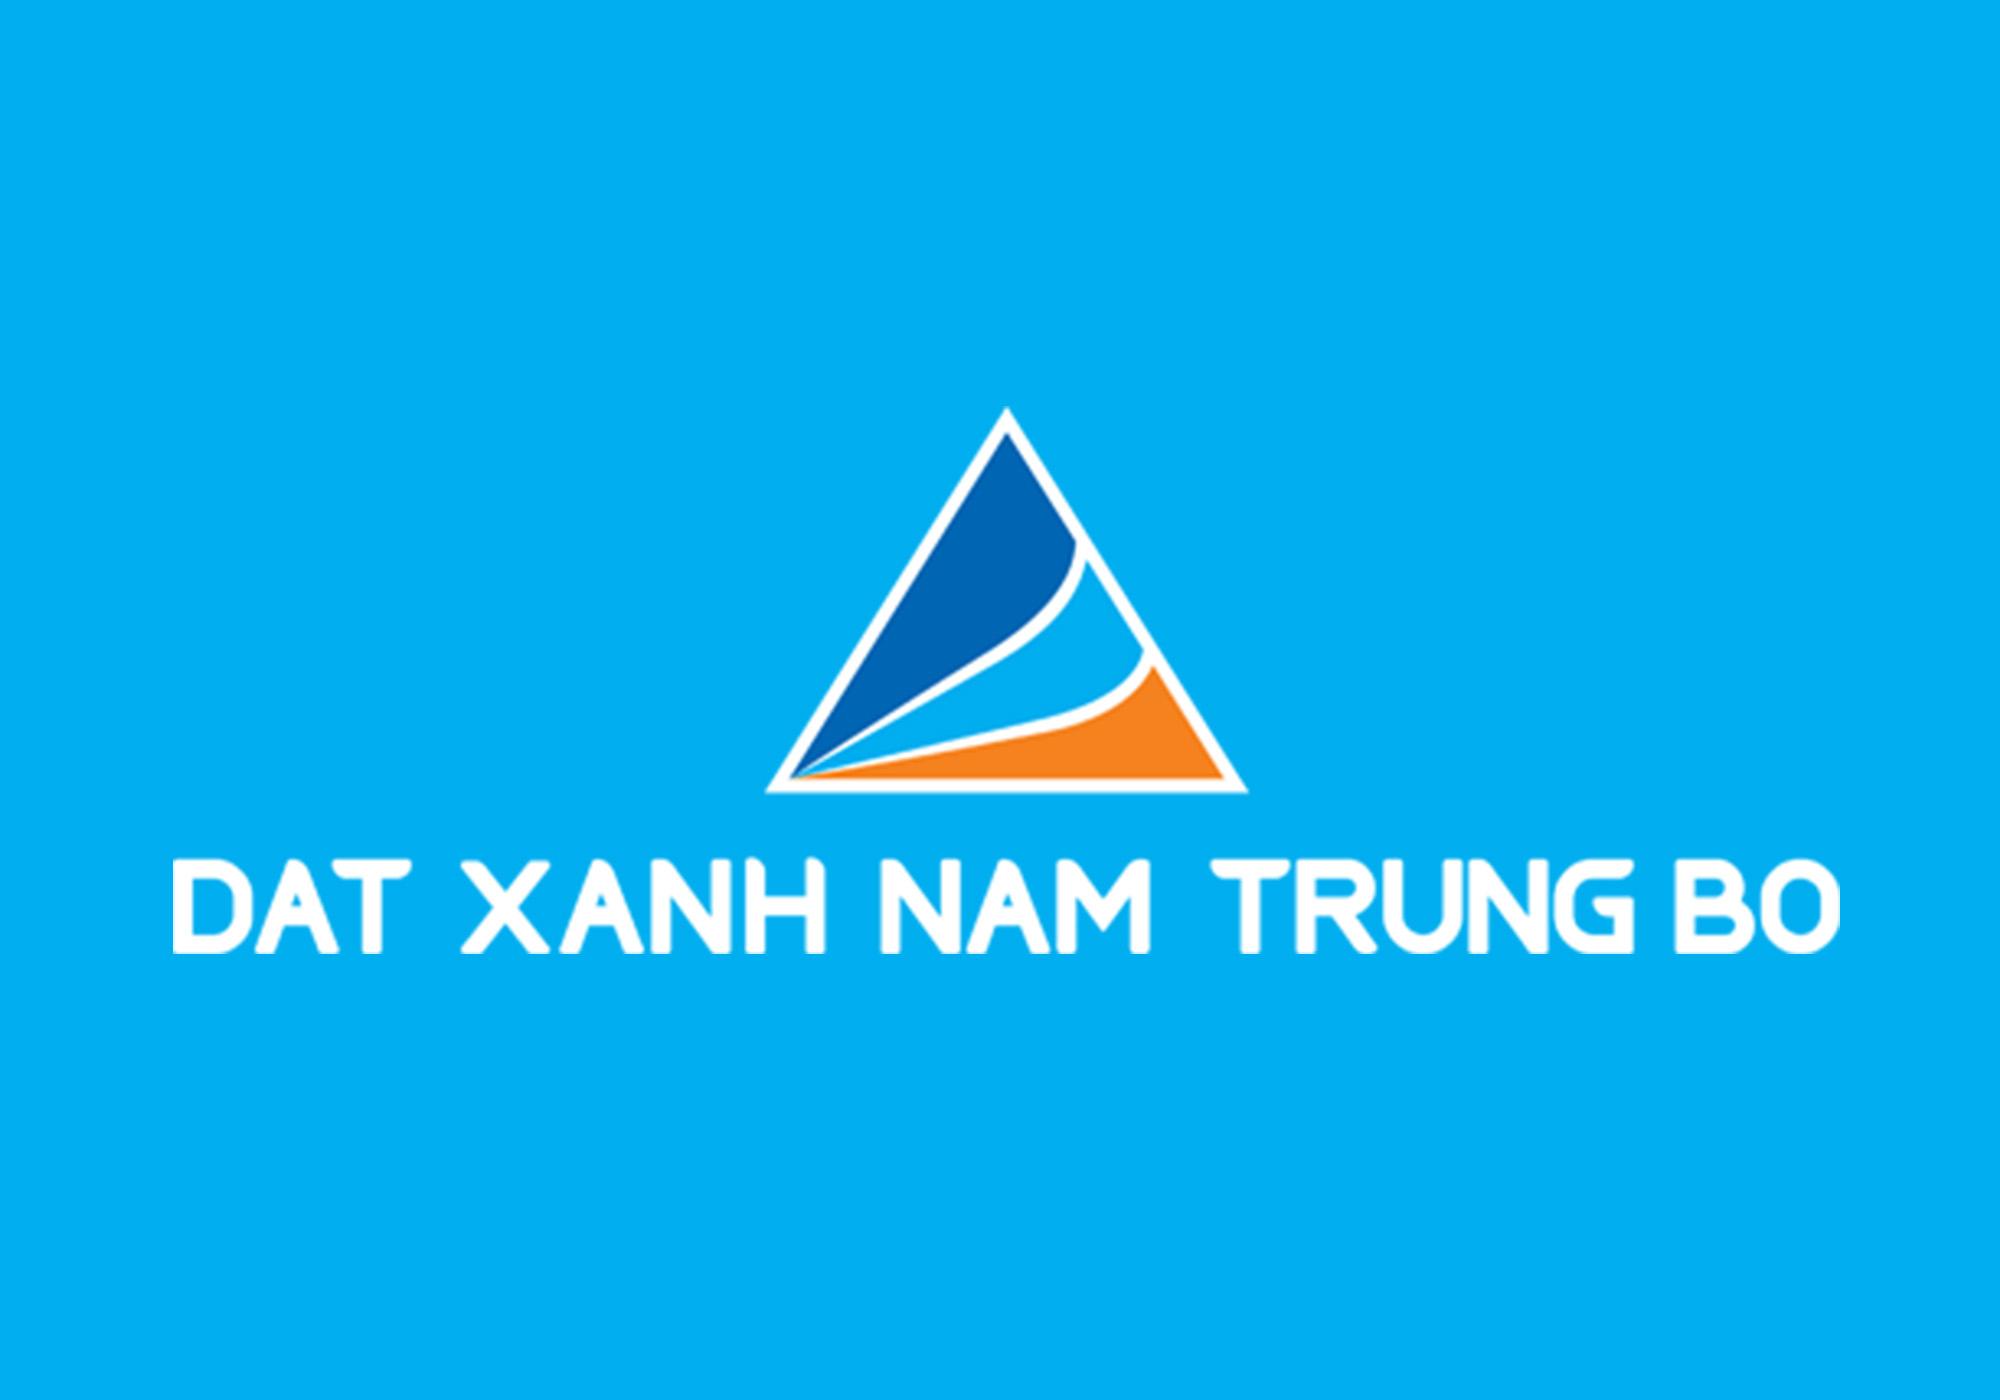 Công ty Cổ phần Dịch vụ Bất Động Sản Đất Xanh Nam Trung Bộ